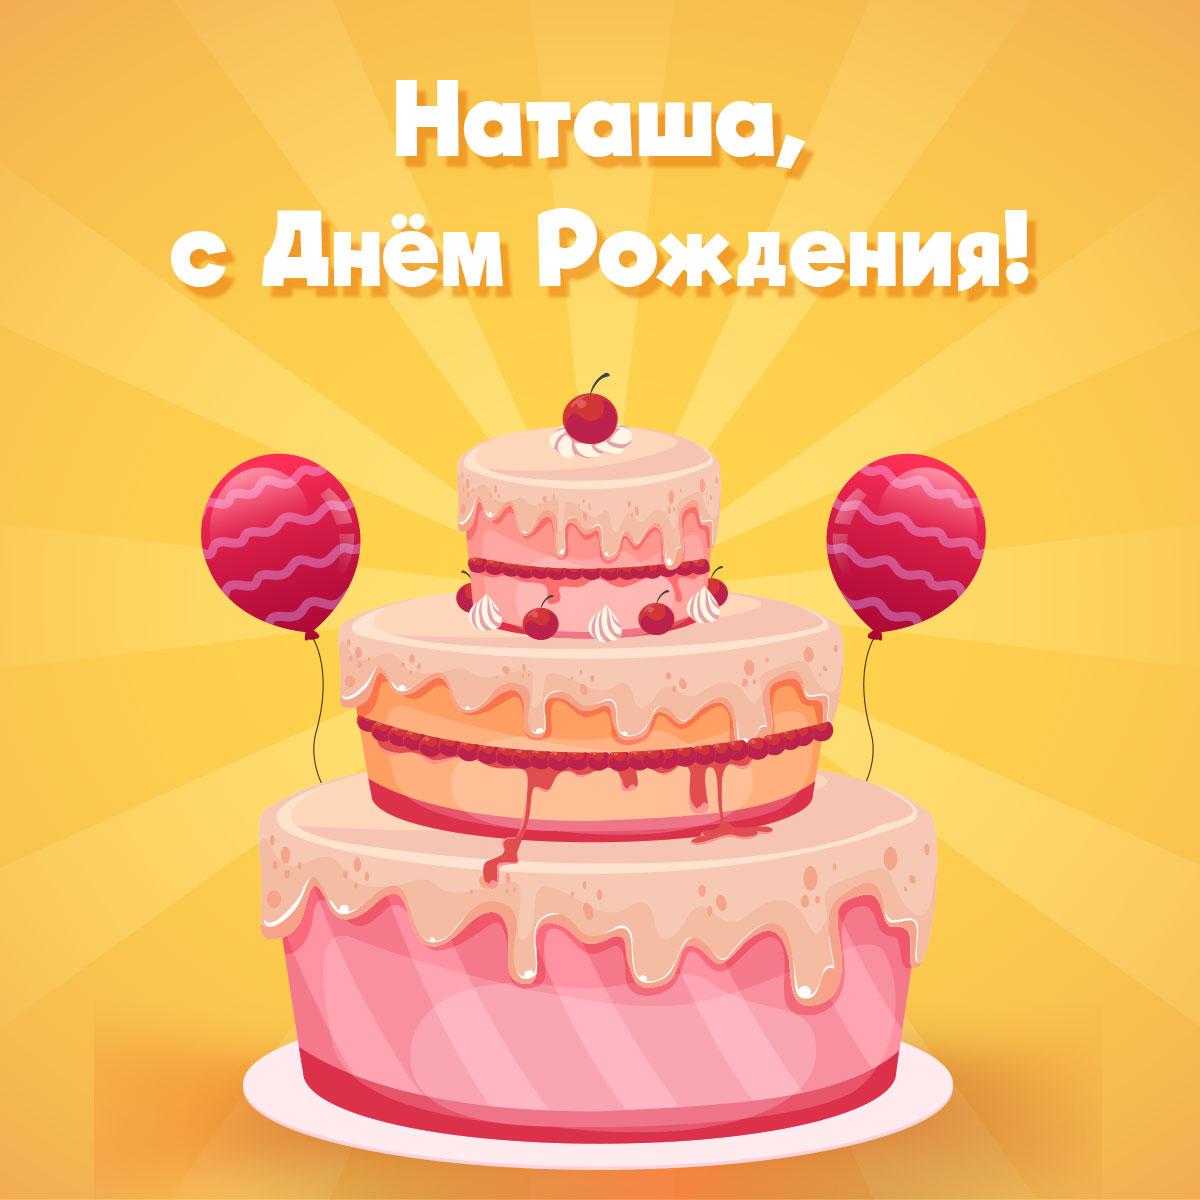 Картинка с текстом - открытка с днем рождения наташа: торт, украшенный сахарной пастой и красными воздушными шарами на жёлтом фоне.